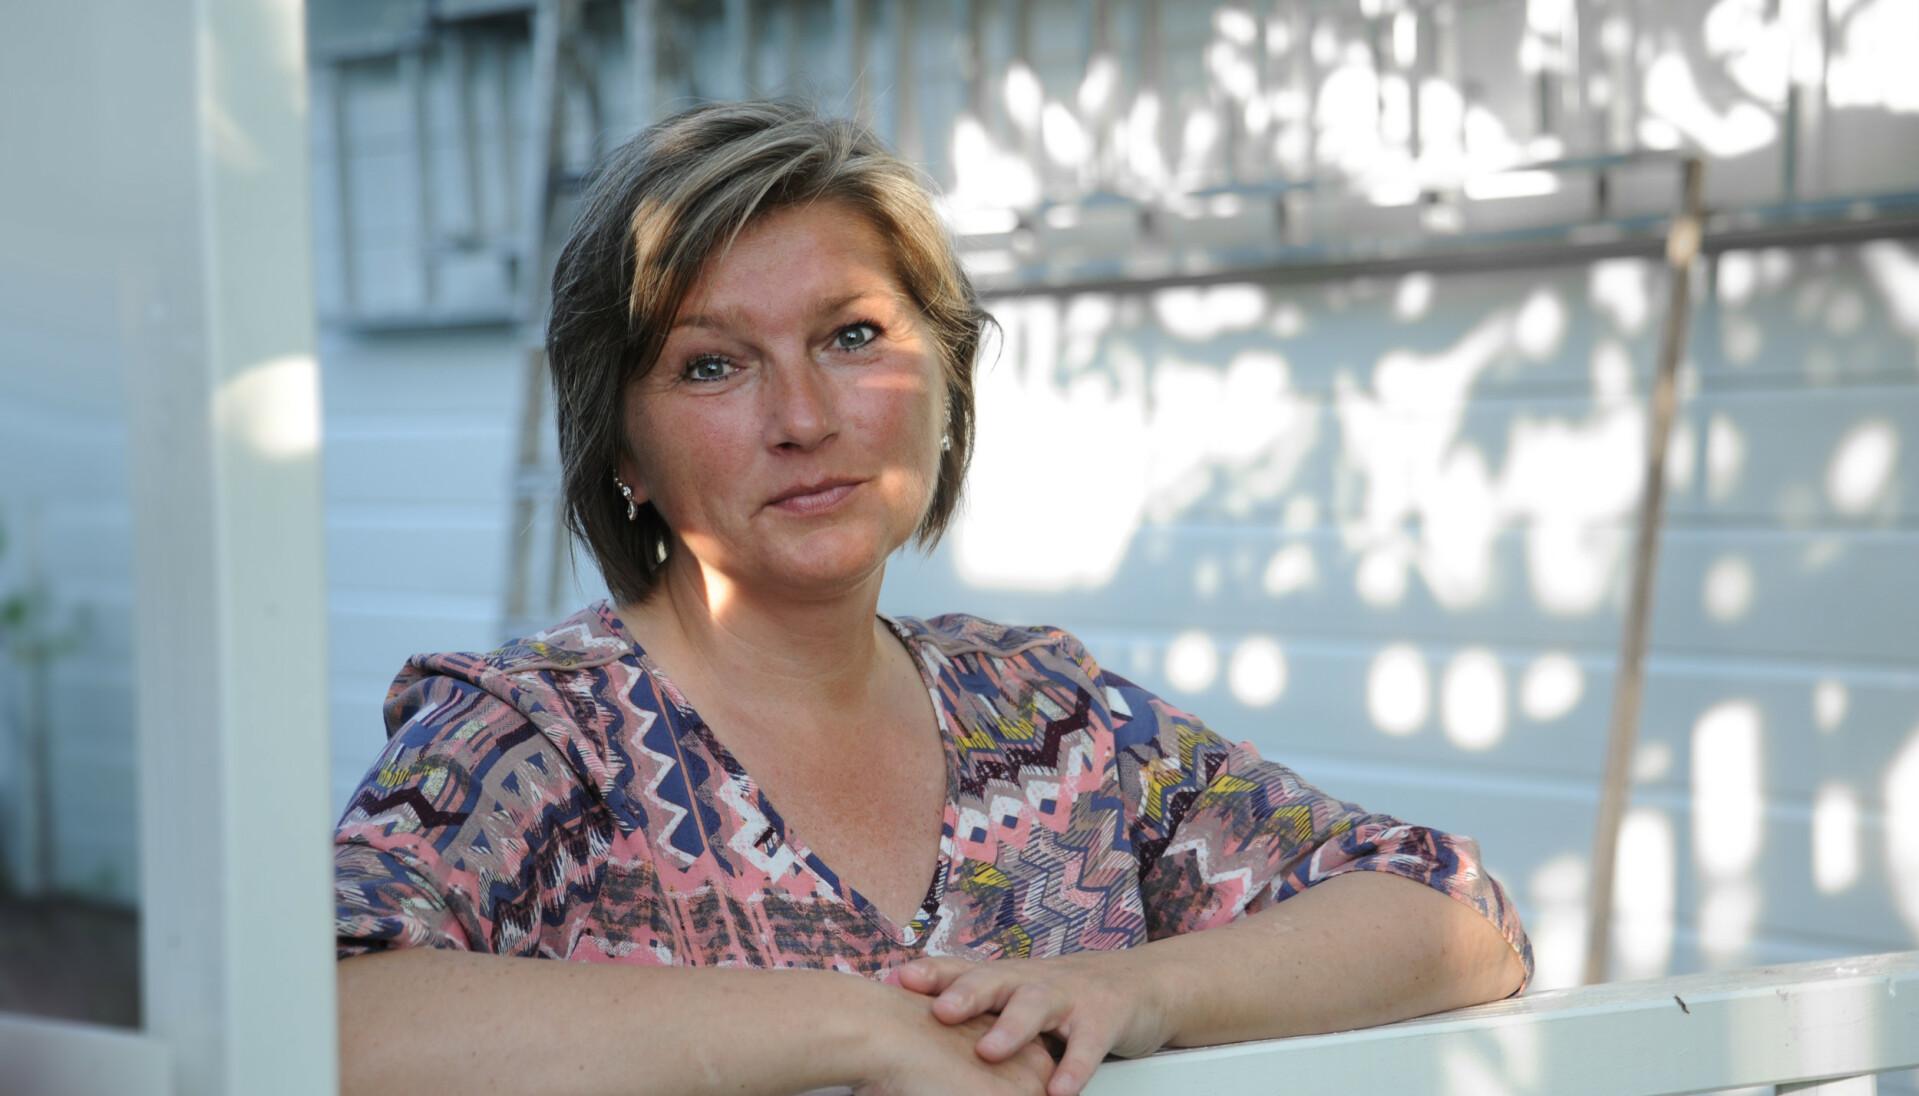 BRENNENDE SMERTE: Tina (46) trodde lenge hun hadde underlivssopp, og fikk feil behandling. Da hun omsider oppsøkte fastlegen, spurte han hvorfor hun hadde ventet så lenge. Foto: Marianne Otterdahl-Jensen